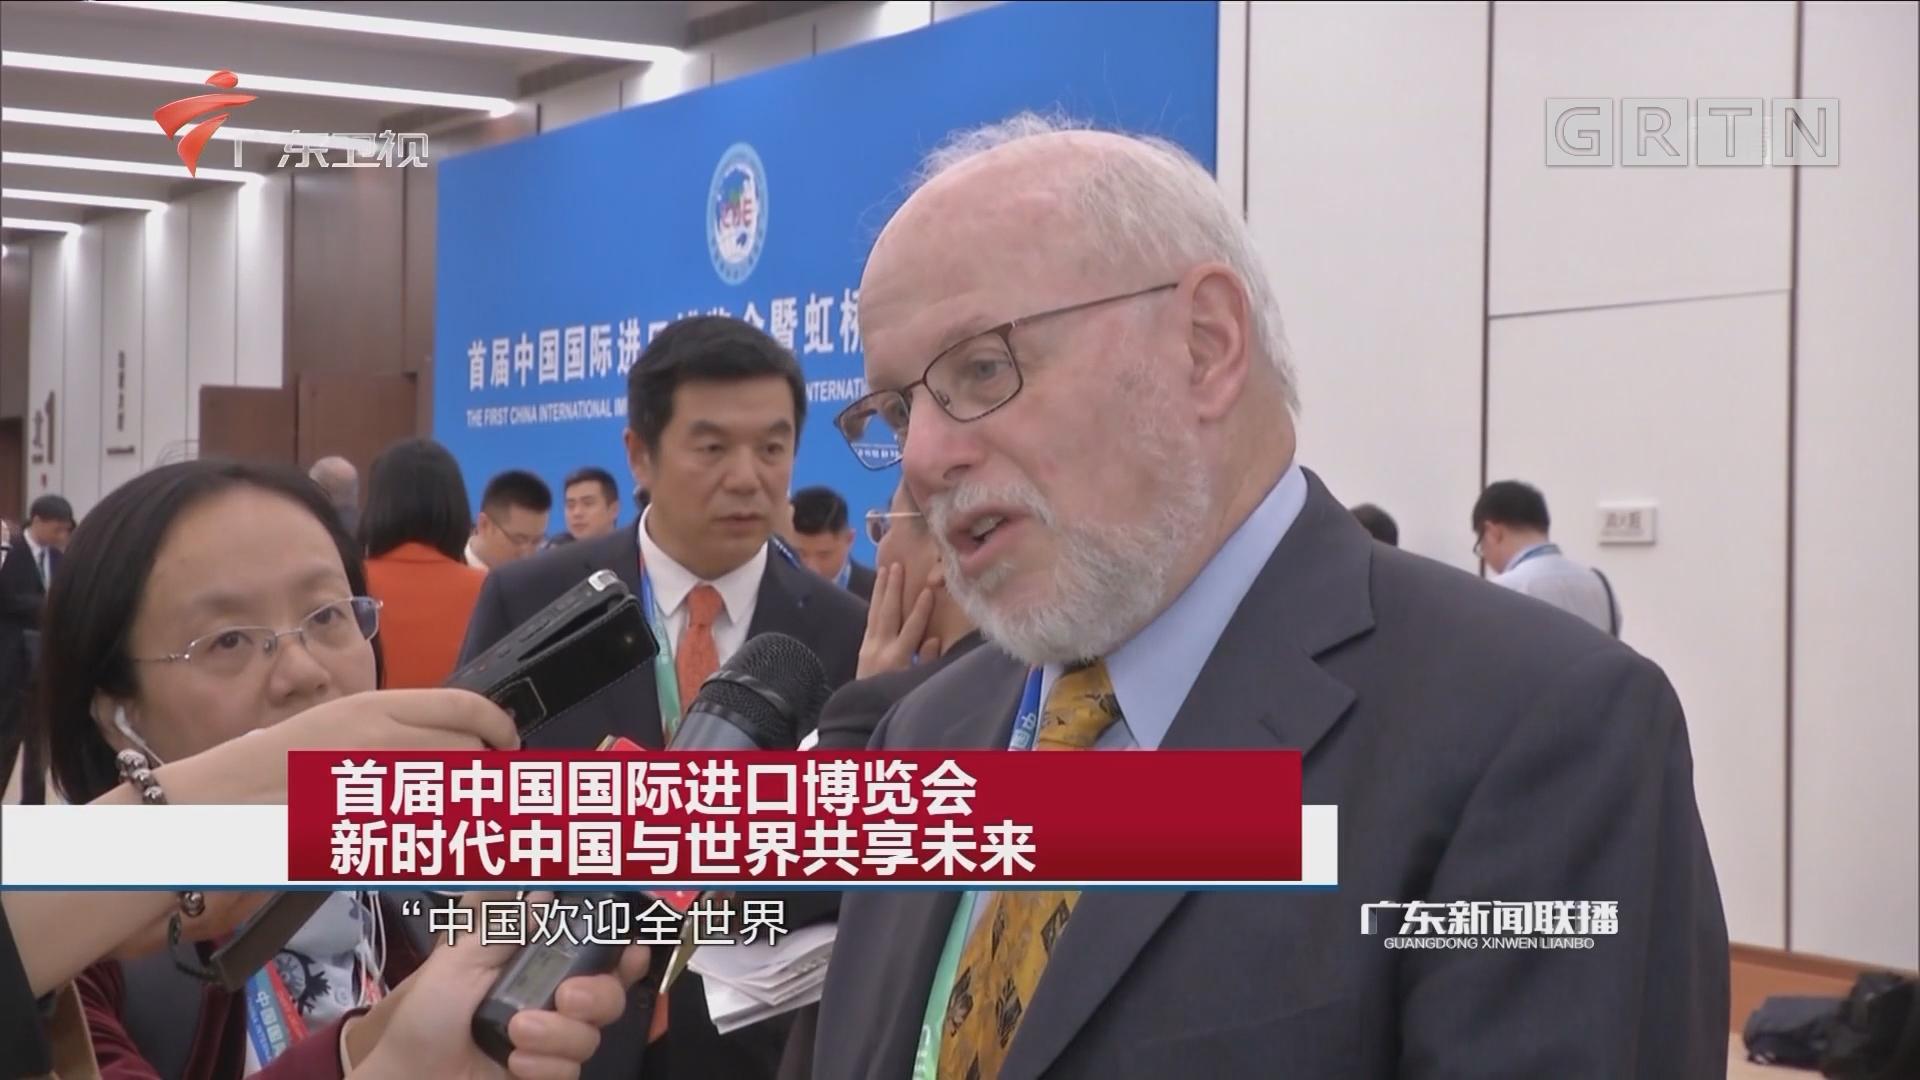 首届中国国际进口博览会新时代中国与世界共享未来